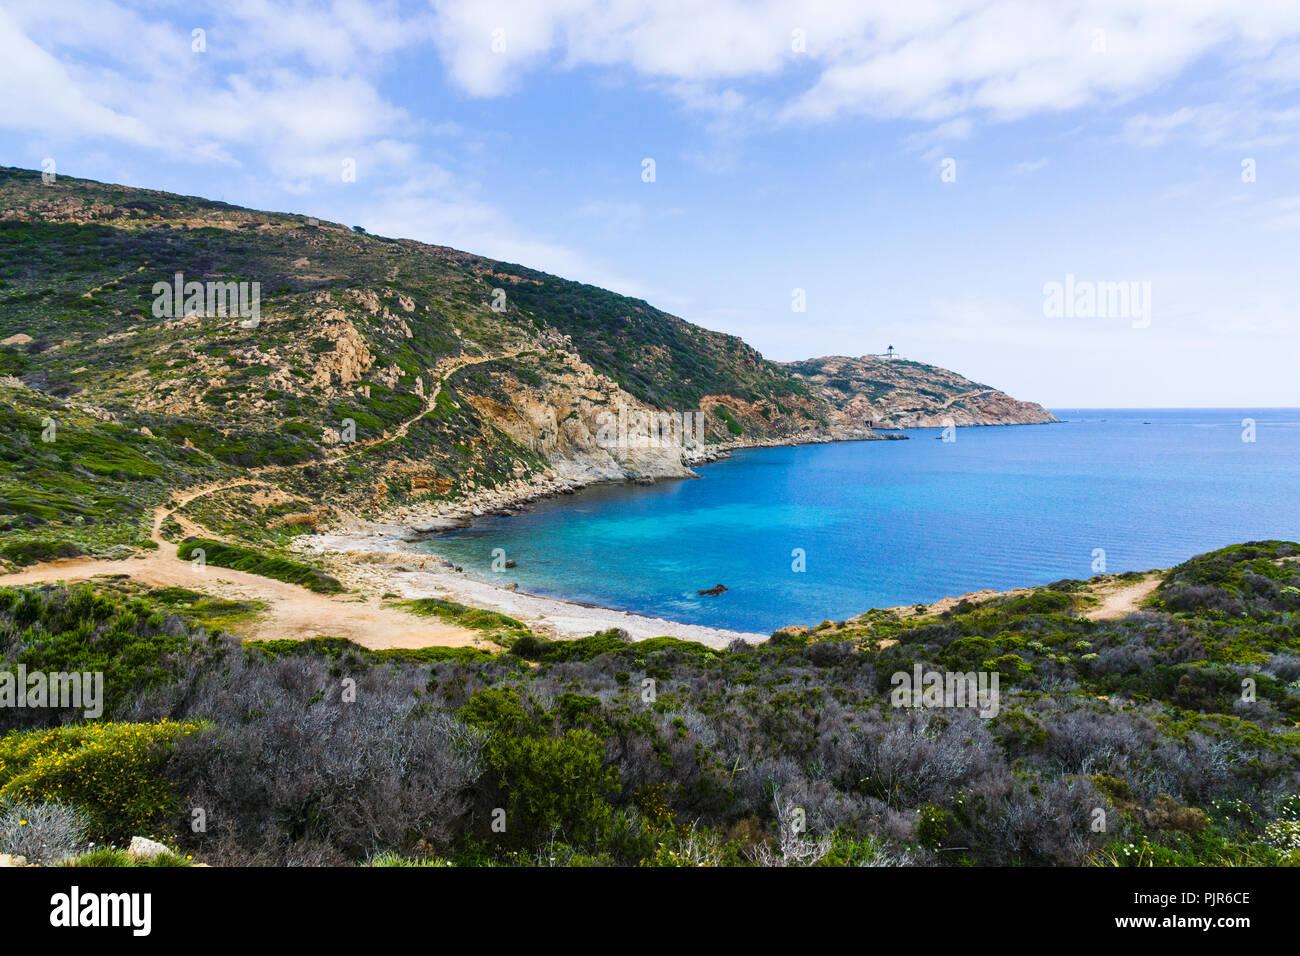 Pointe de la Revellata, Calvi, Corsica, France - Stock Image